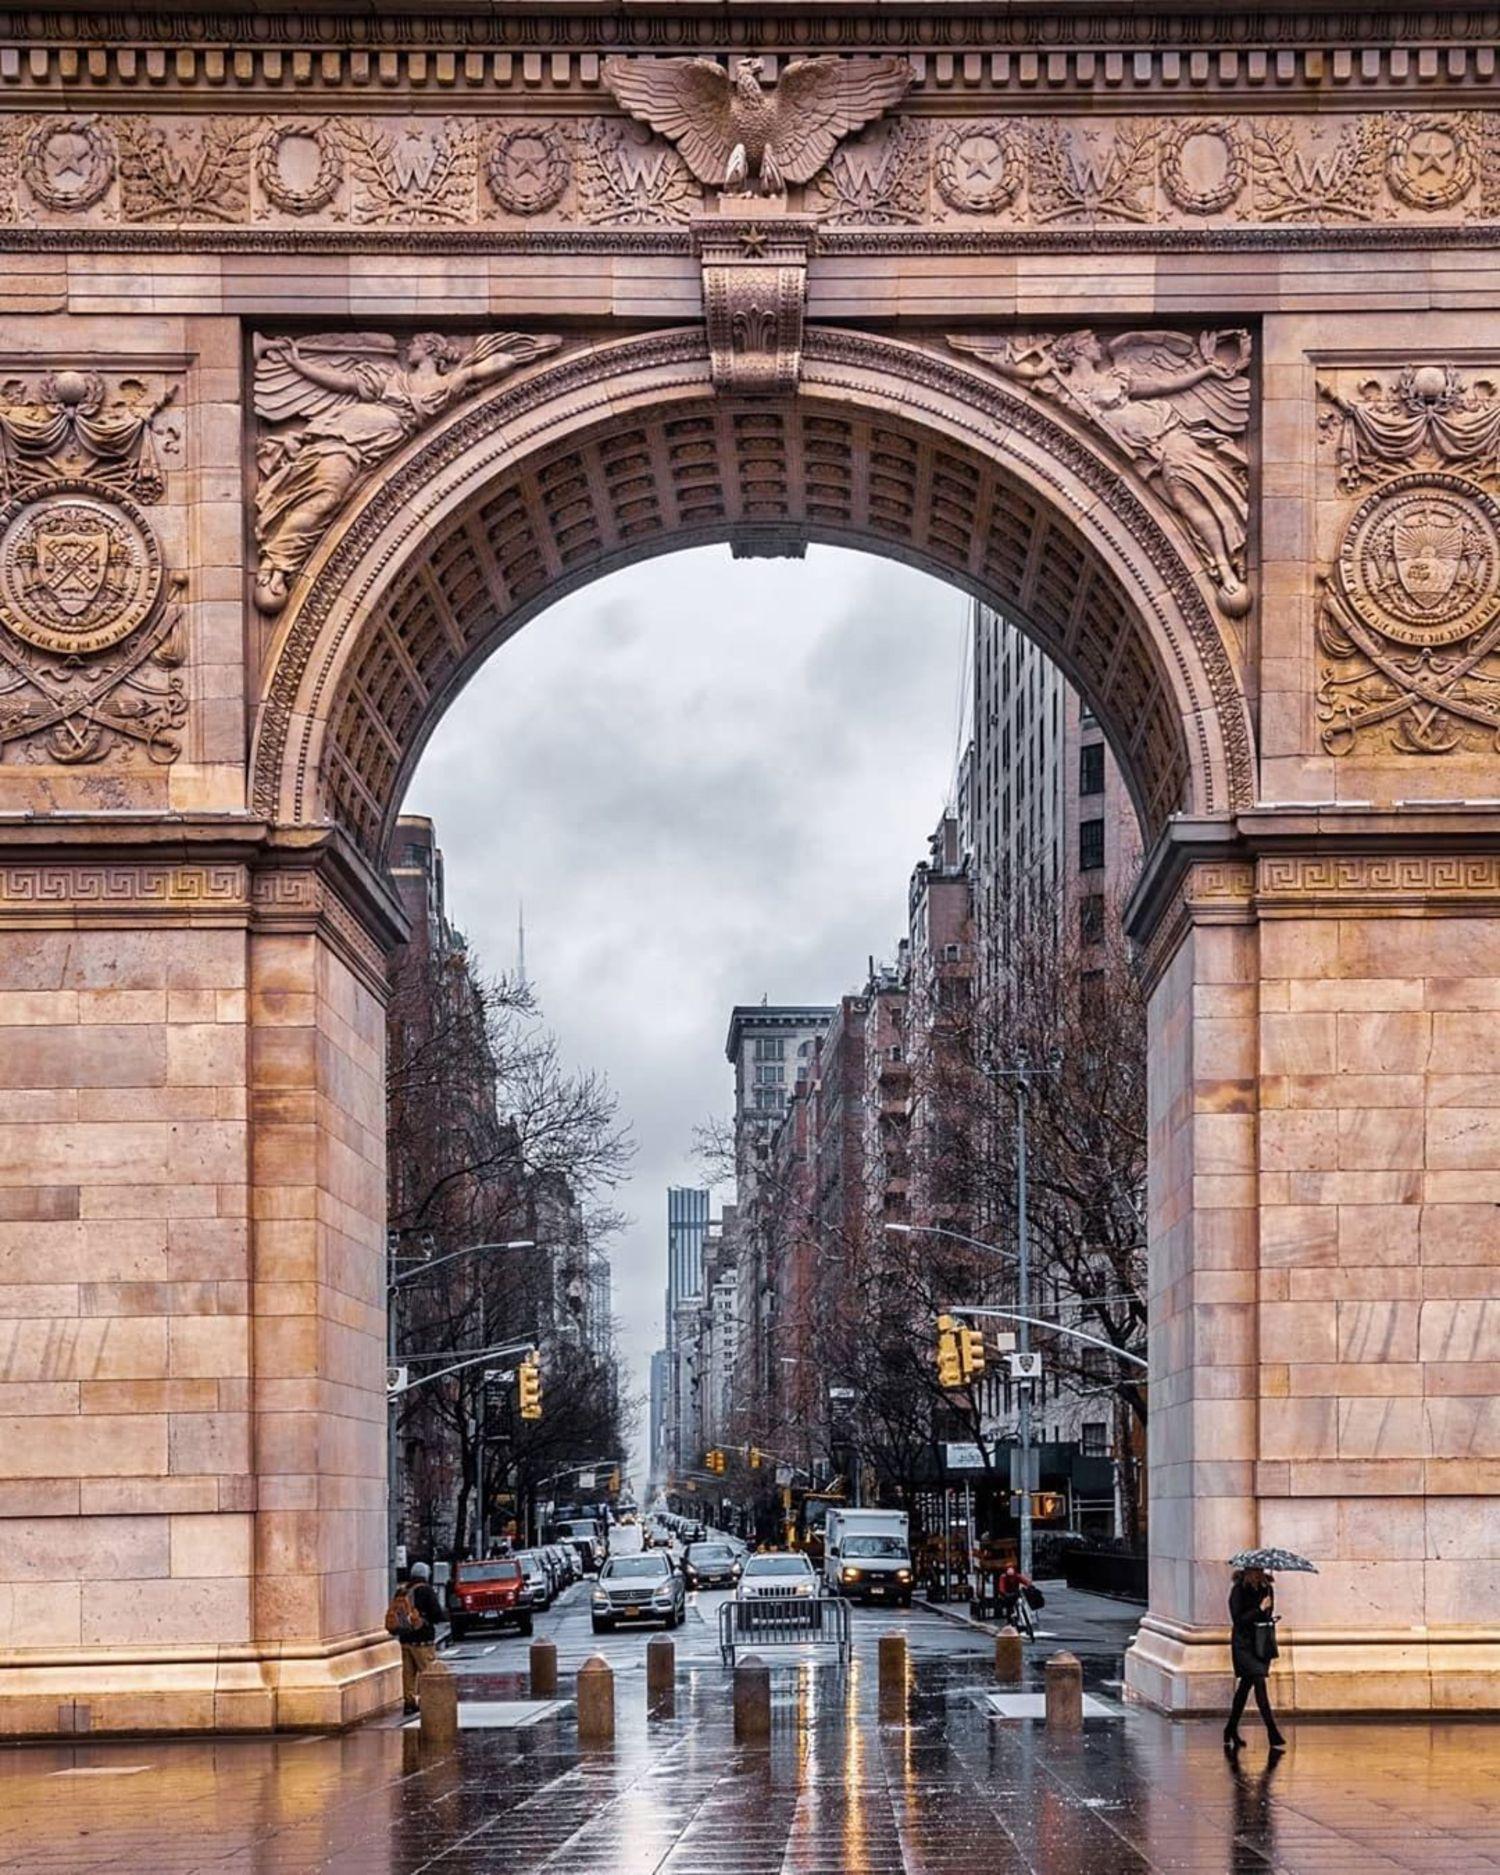 Washington Square Arch. Photo via @iwyndt #viewingnyc #nyc #newyork #newyorkcity